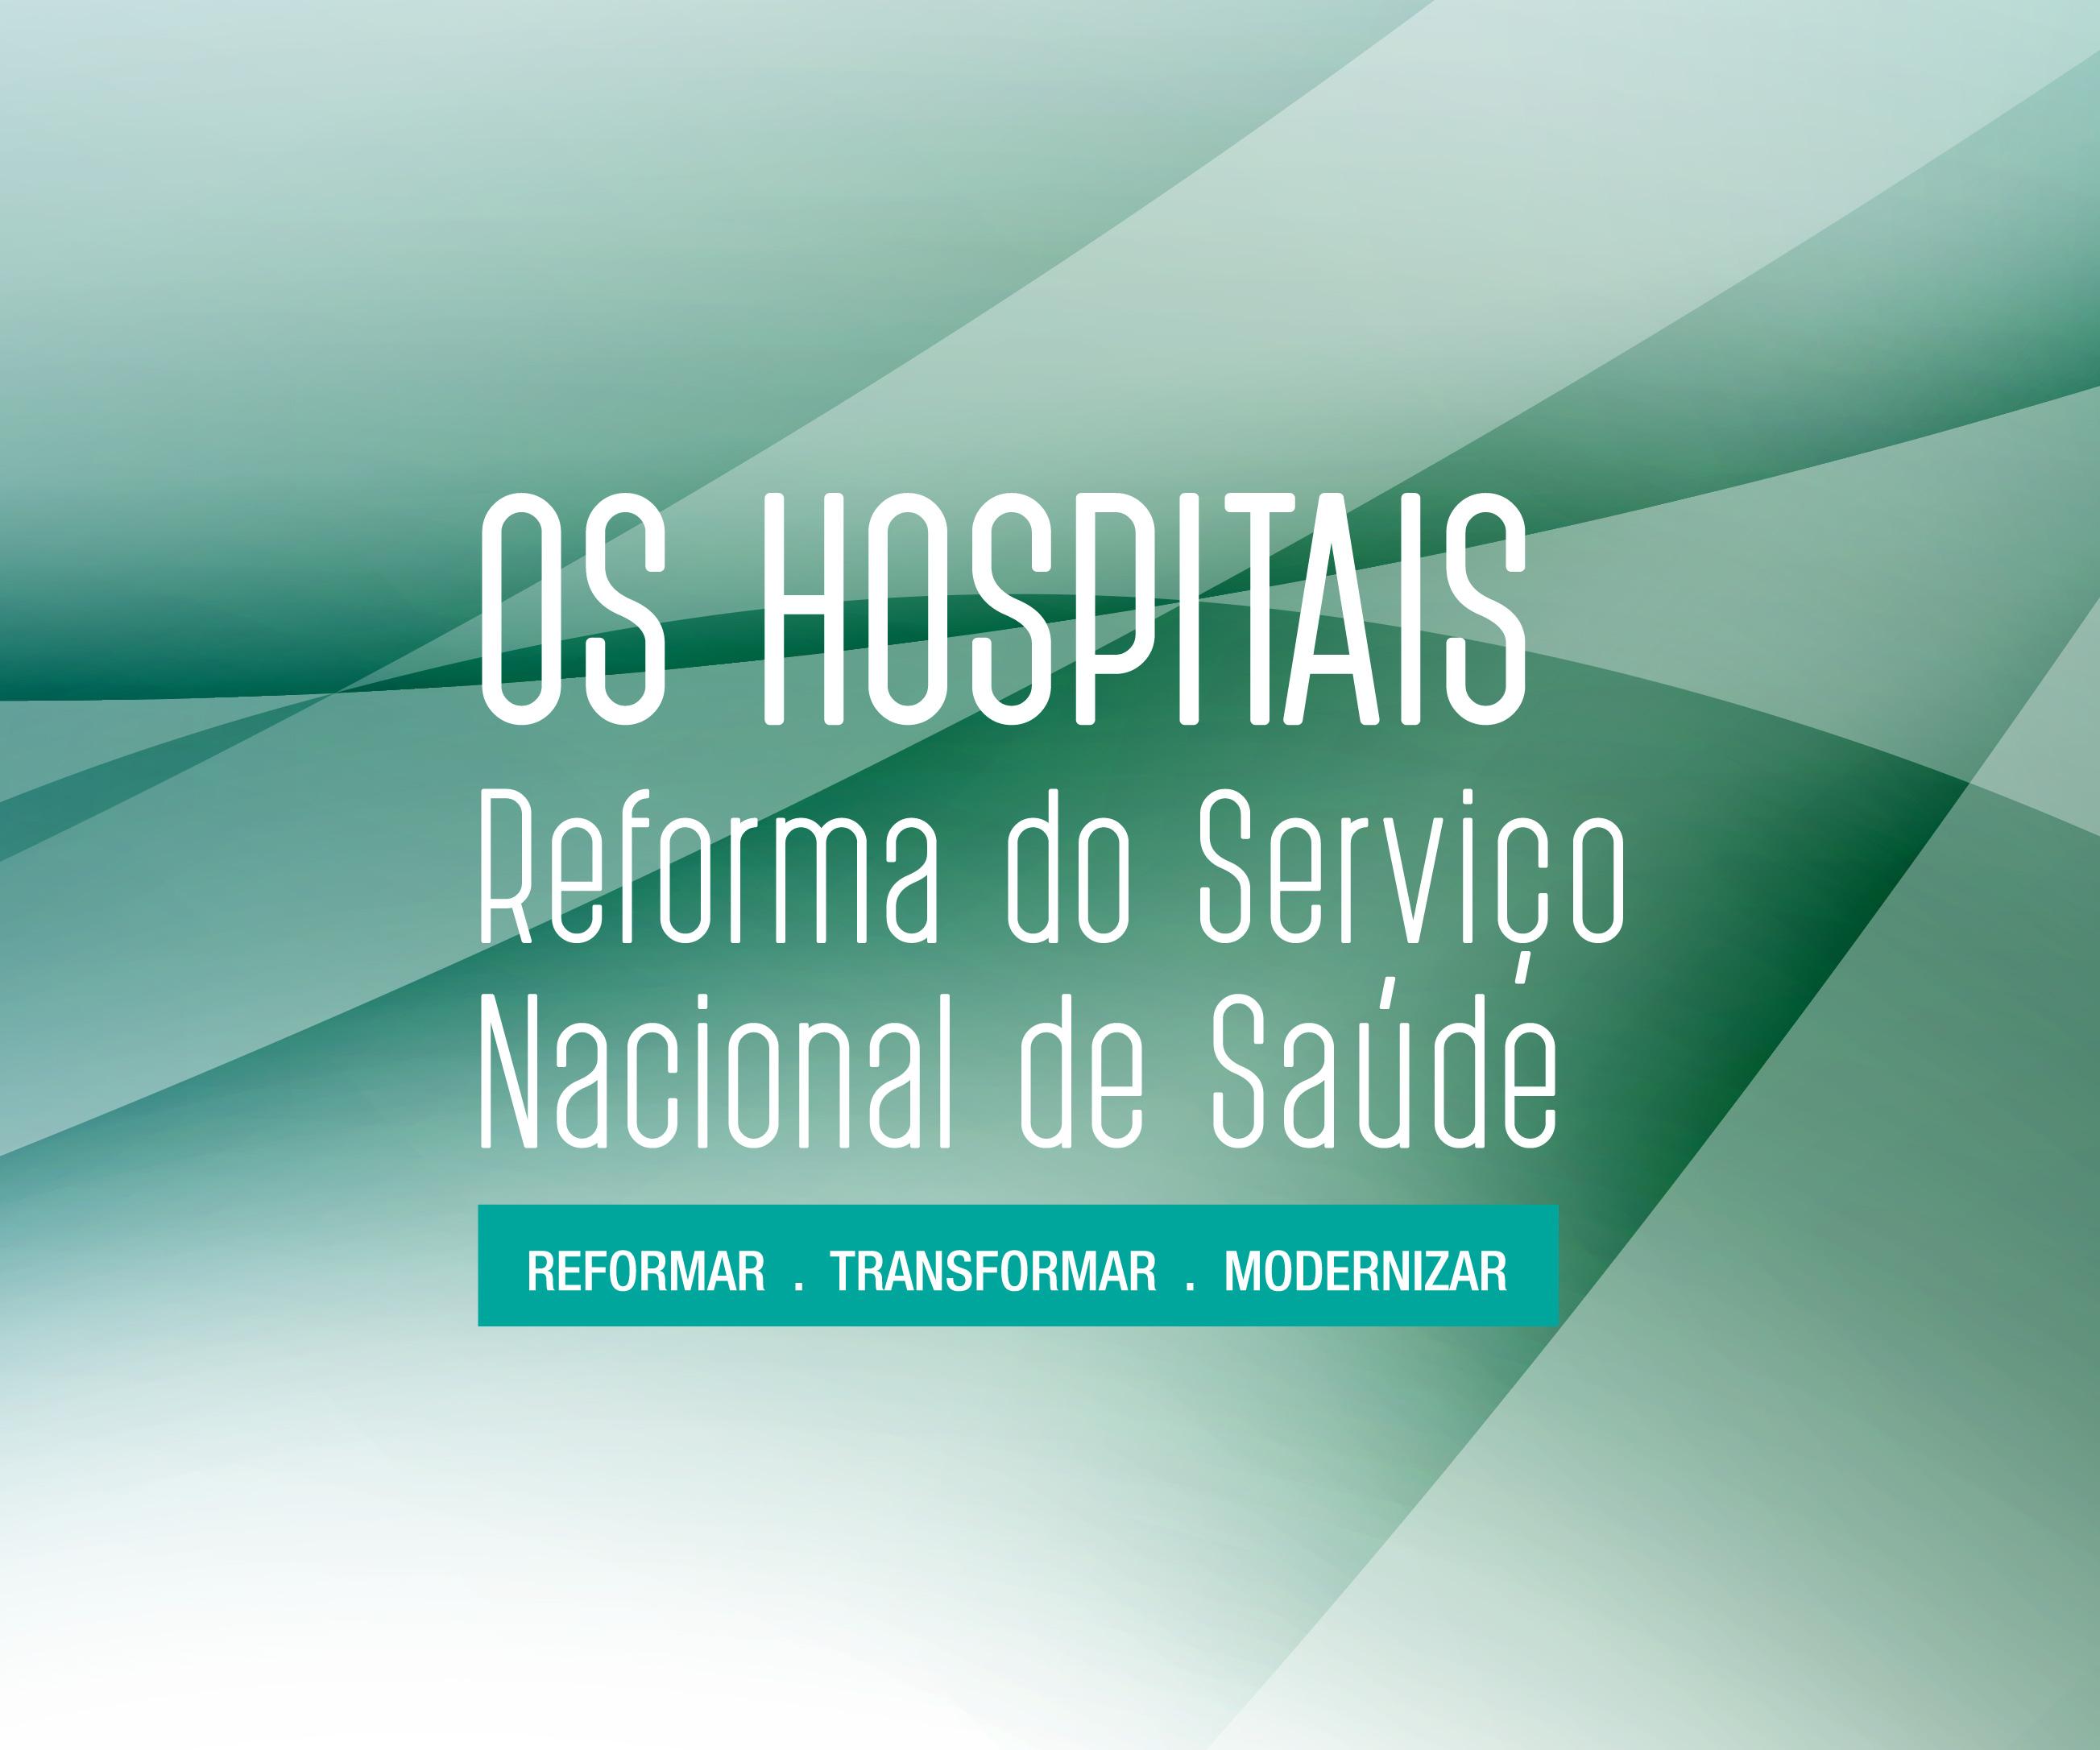 os hospitais reforma sns_2